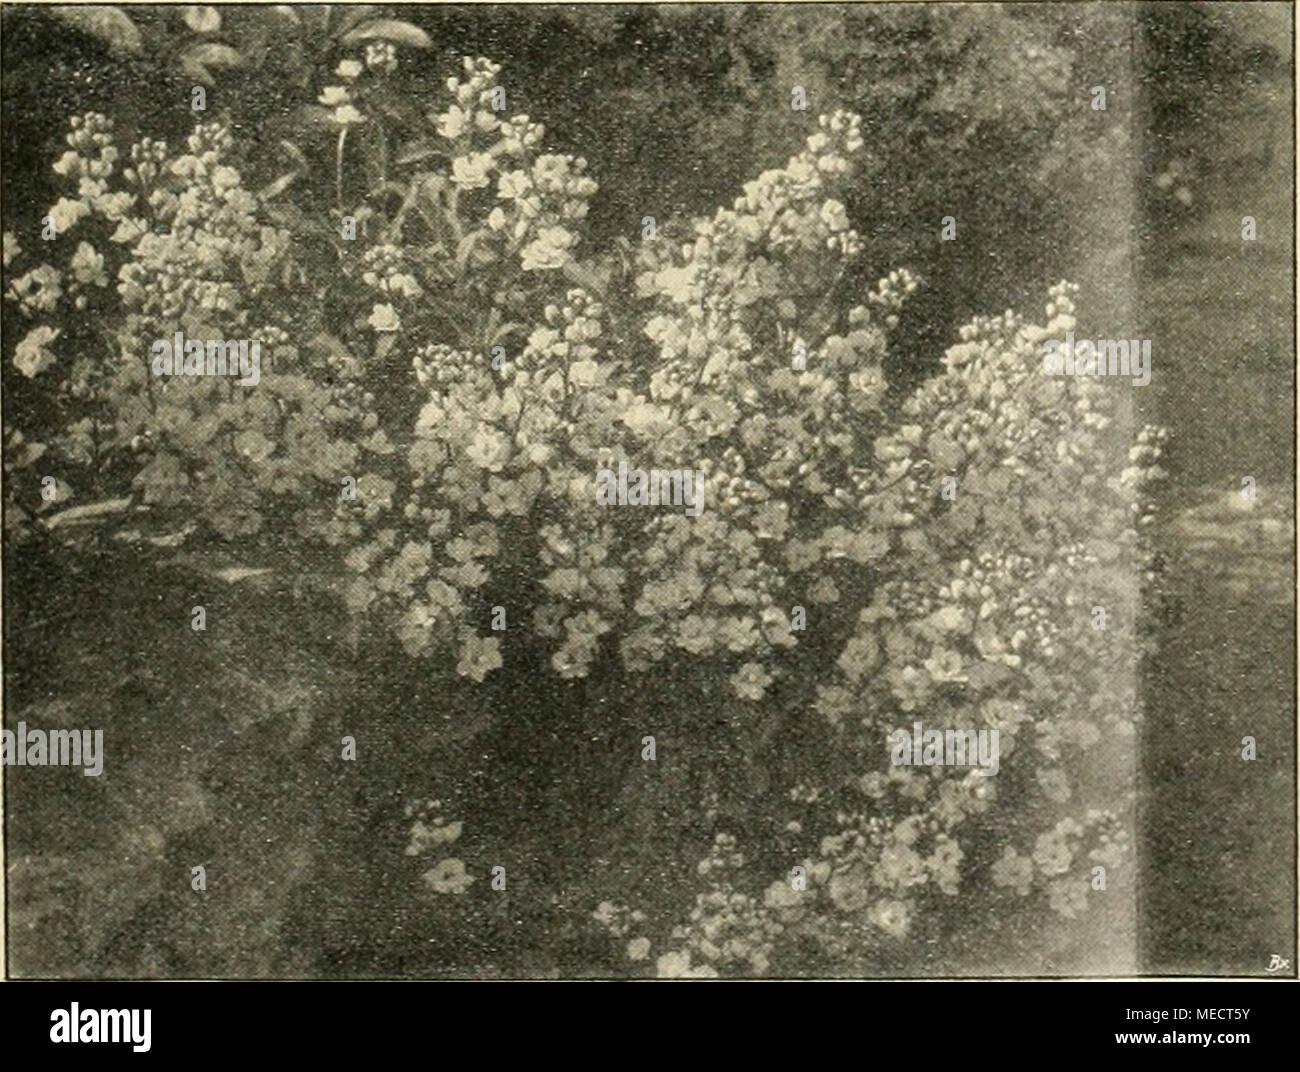 . Die Gartenwelt . Ãrabis alpina fl. pl. Lythrum virgatum kosakönigin. gepflanzt. Das Ernten der Kartoffeln machte allerdings mehr Arbeit, weil man auf die Schonung des Wirsing achten muÃ. Sechs groÃe Zwiebelbeete besäte ich dünn mit Oberkohlrabi Goliath und lieà diese unverpflanzt zwischen den Zwiebeln stehen. Als die Zwiebeln abgeerntet waren, hatte ich 6 Beete Oberkohlrabi, die eine volle Ernte brachten. Spinat und Stiel- mus, jedes natürlich für sich, zwischen dicke Bohnen breitwürfig zu säen, empfehle ich auch, doch müssen dann die Bohnenreihen wenigstens 50 cm Abstand haben. In d Stock Photo